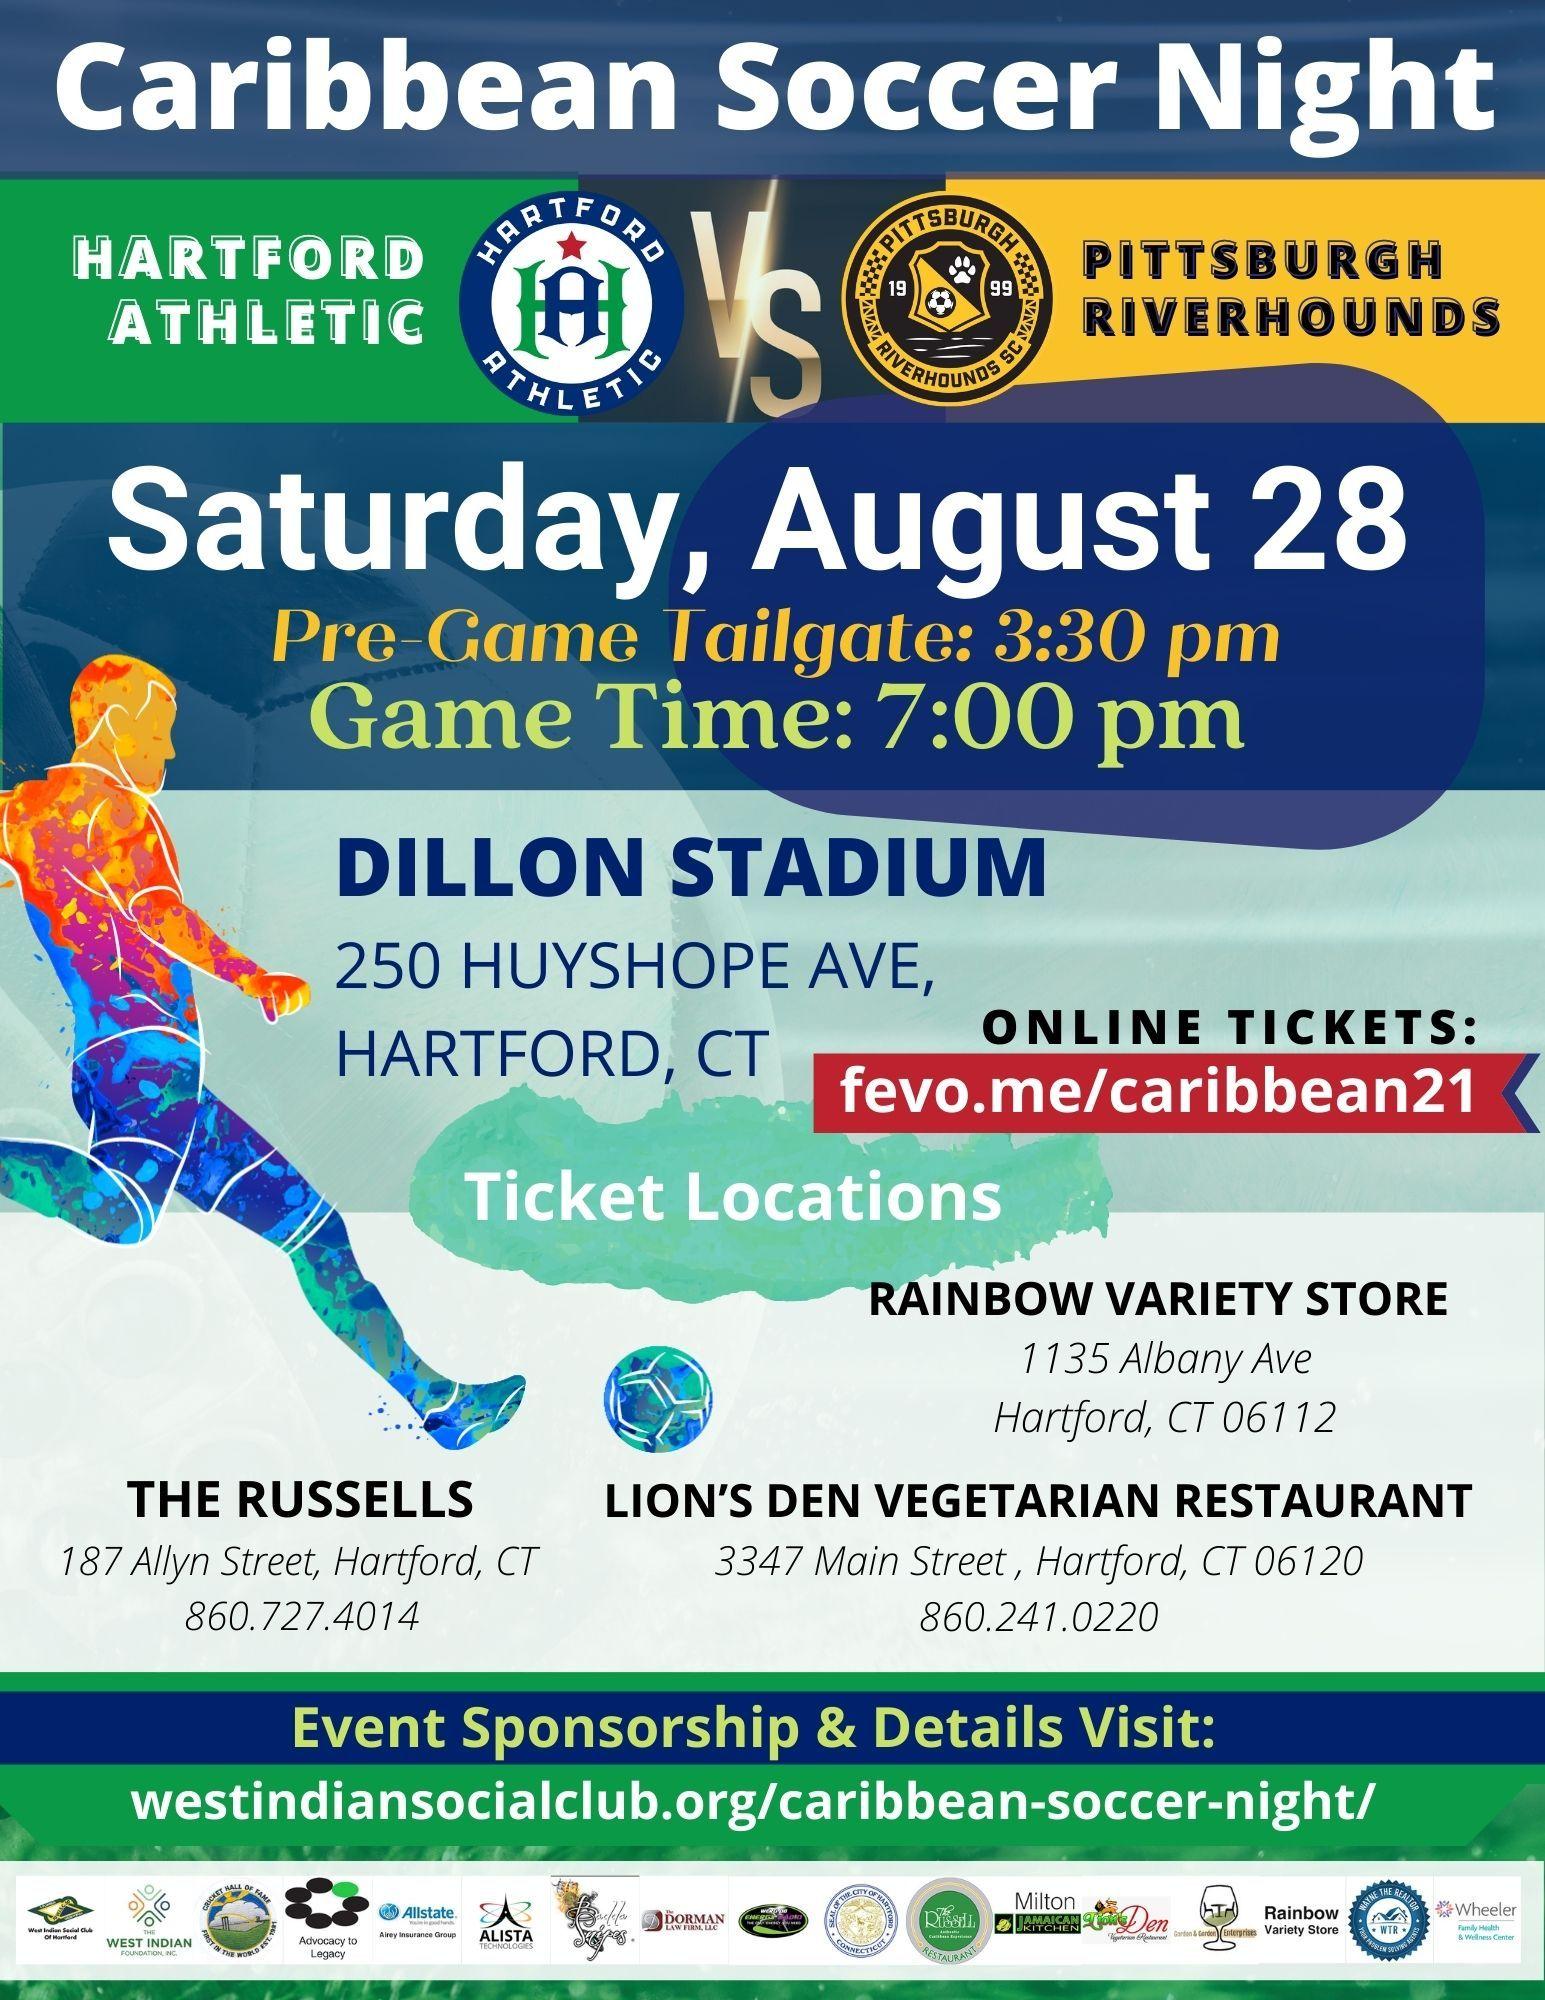 caribbean soccer night ticket locations